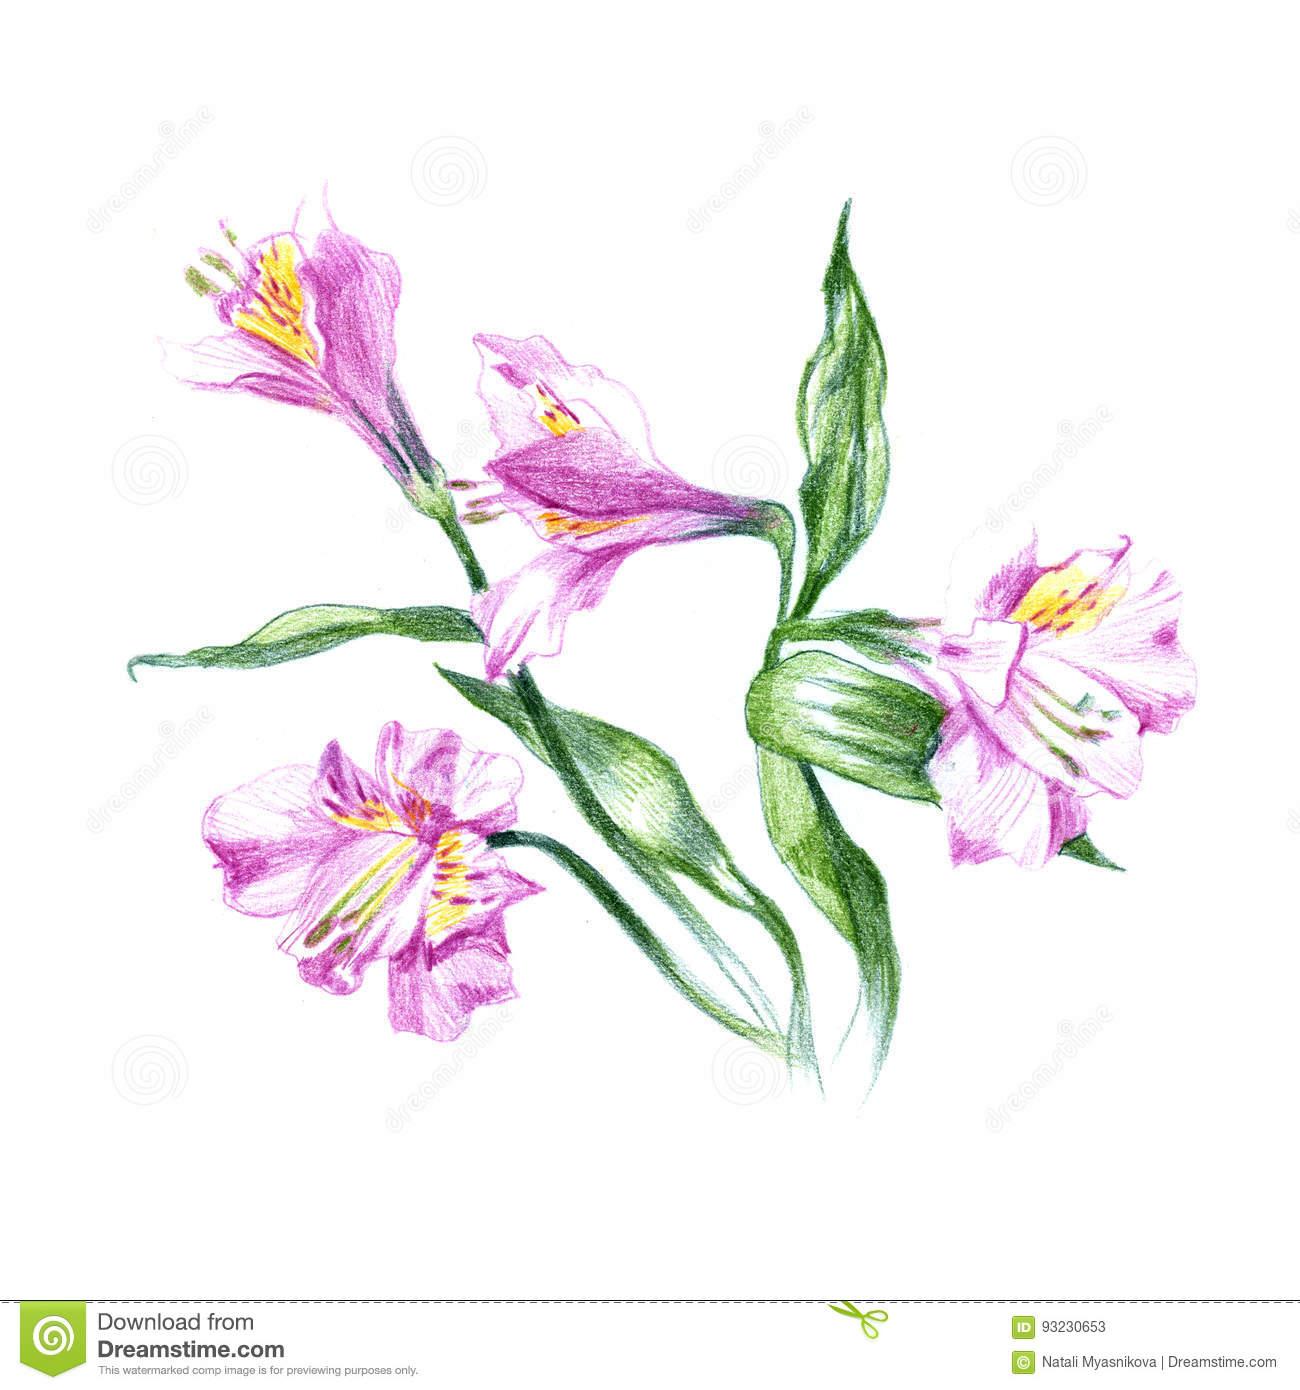 Encre, Crayon, Croquis De Fleur D'aquarelle Fond De Schéma à Schéma D Une Fleur